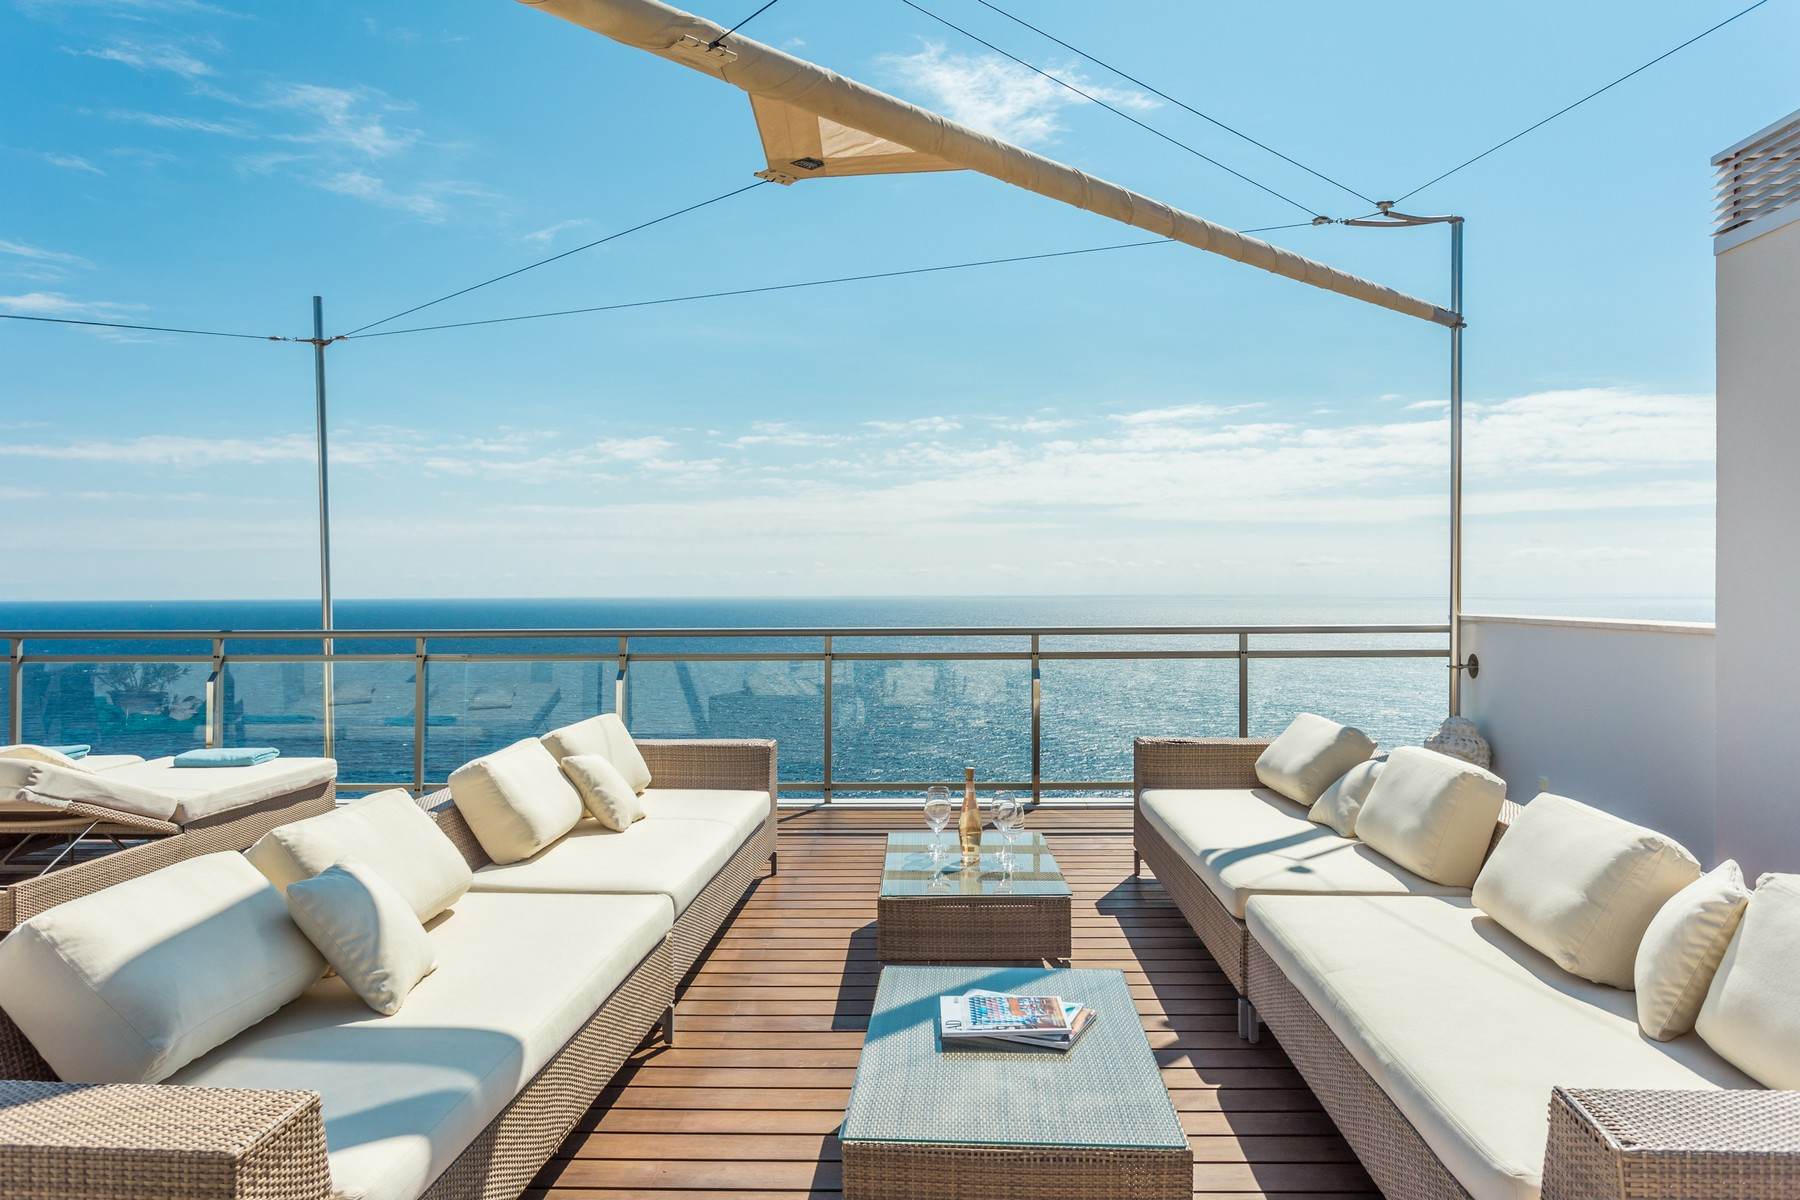 단독 가정 주택 용 매매 에 Penthouse with views in Port Andratx Port Andratx, 말로카, 07650 스페인